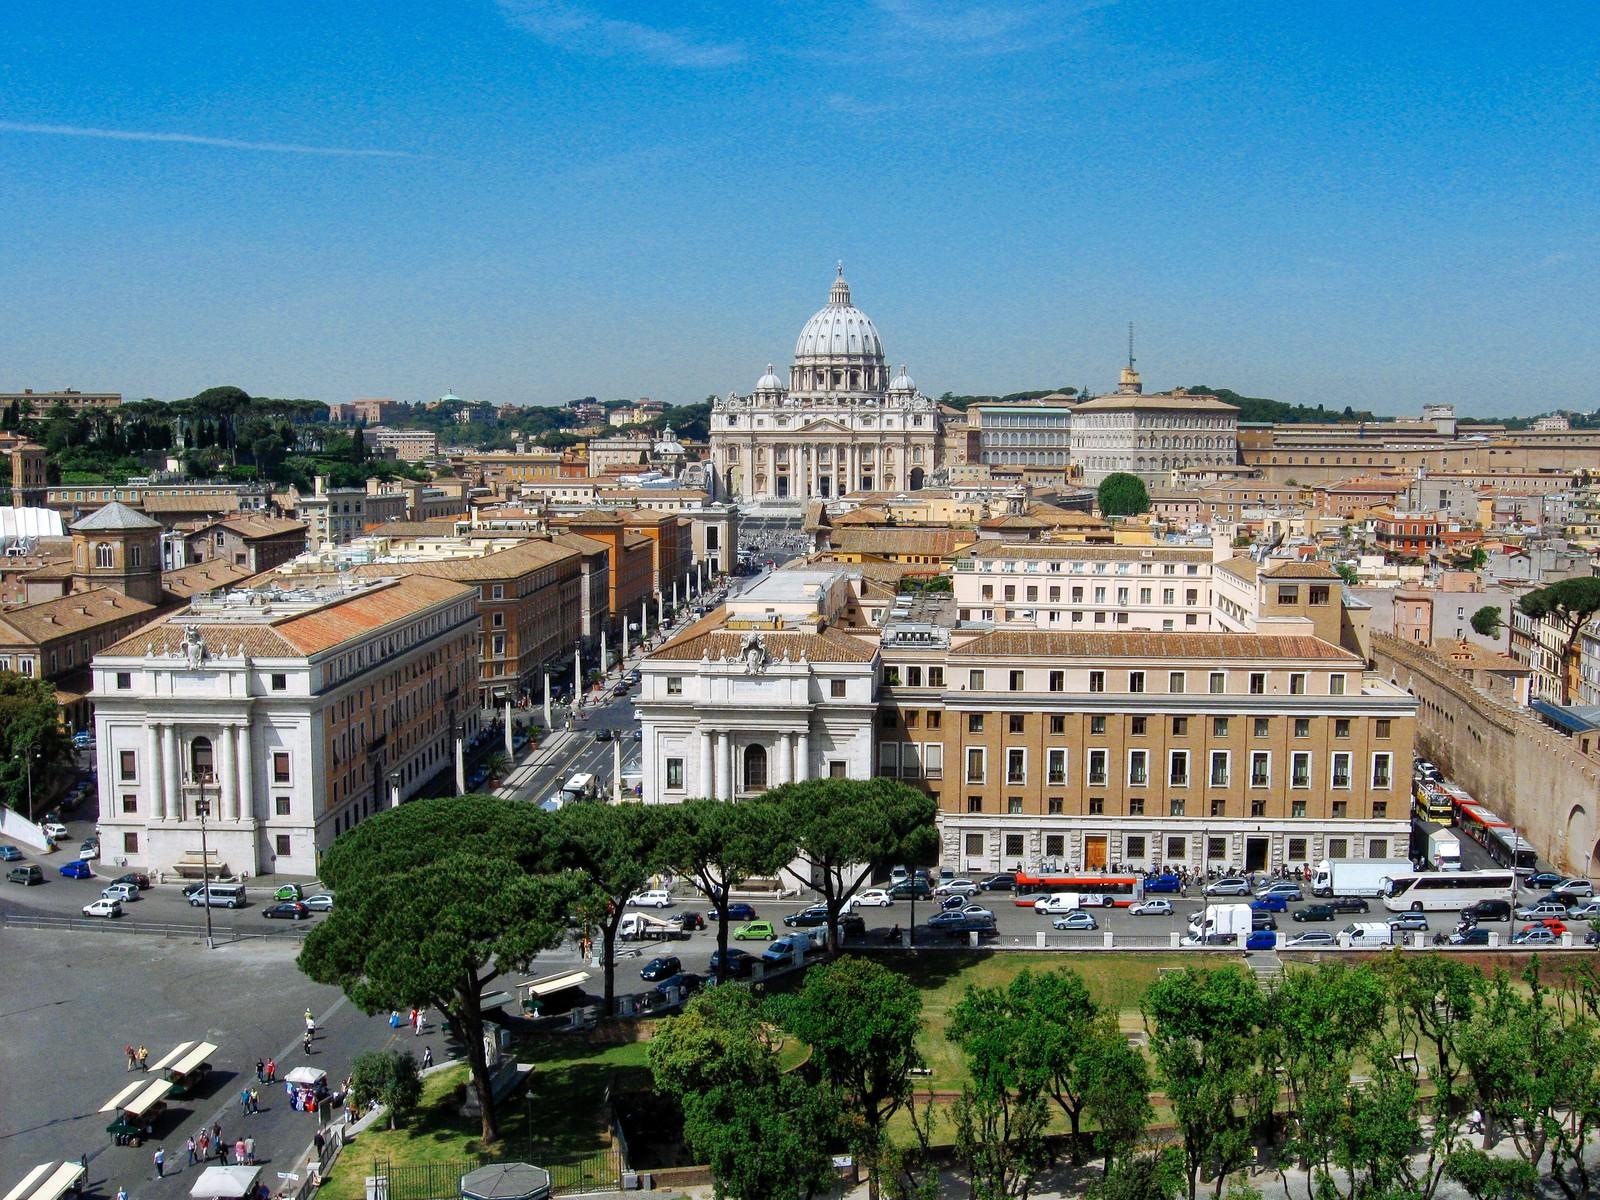 「ヴァチカン市国の街並み(ローマ)」の写真